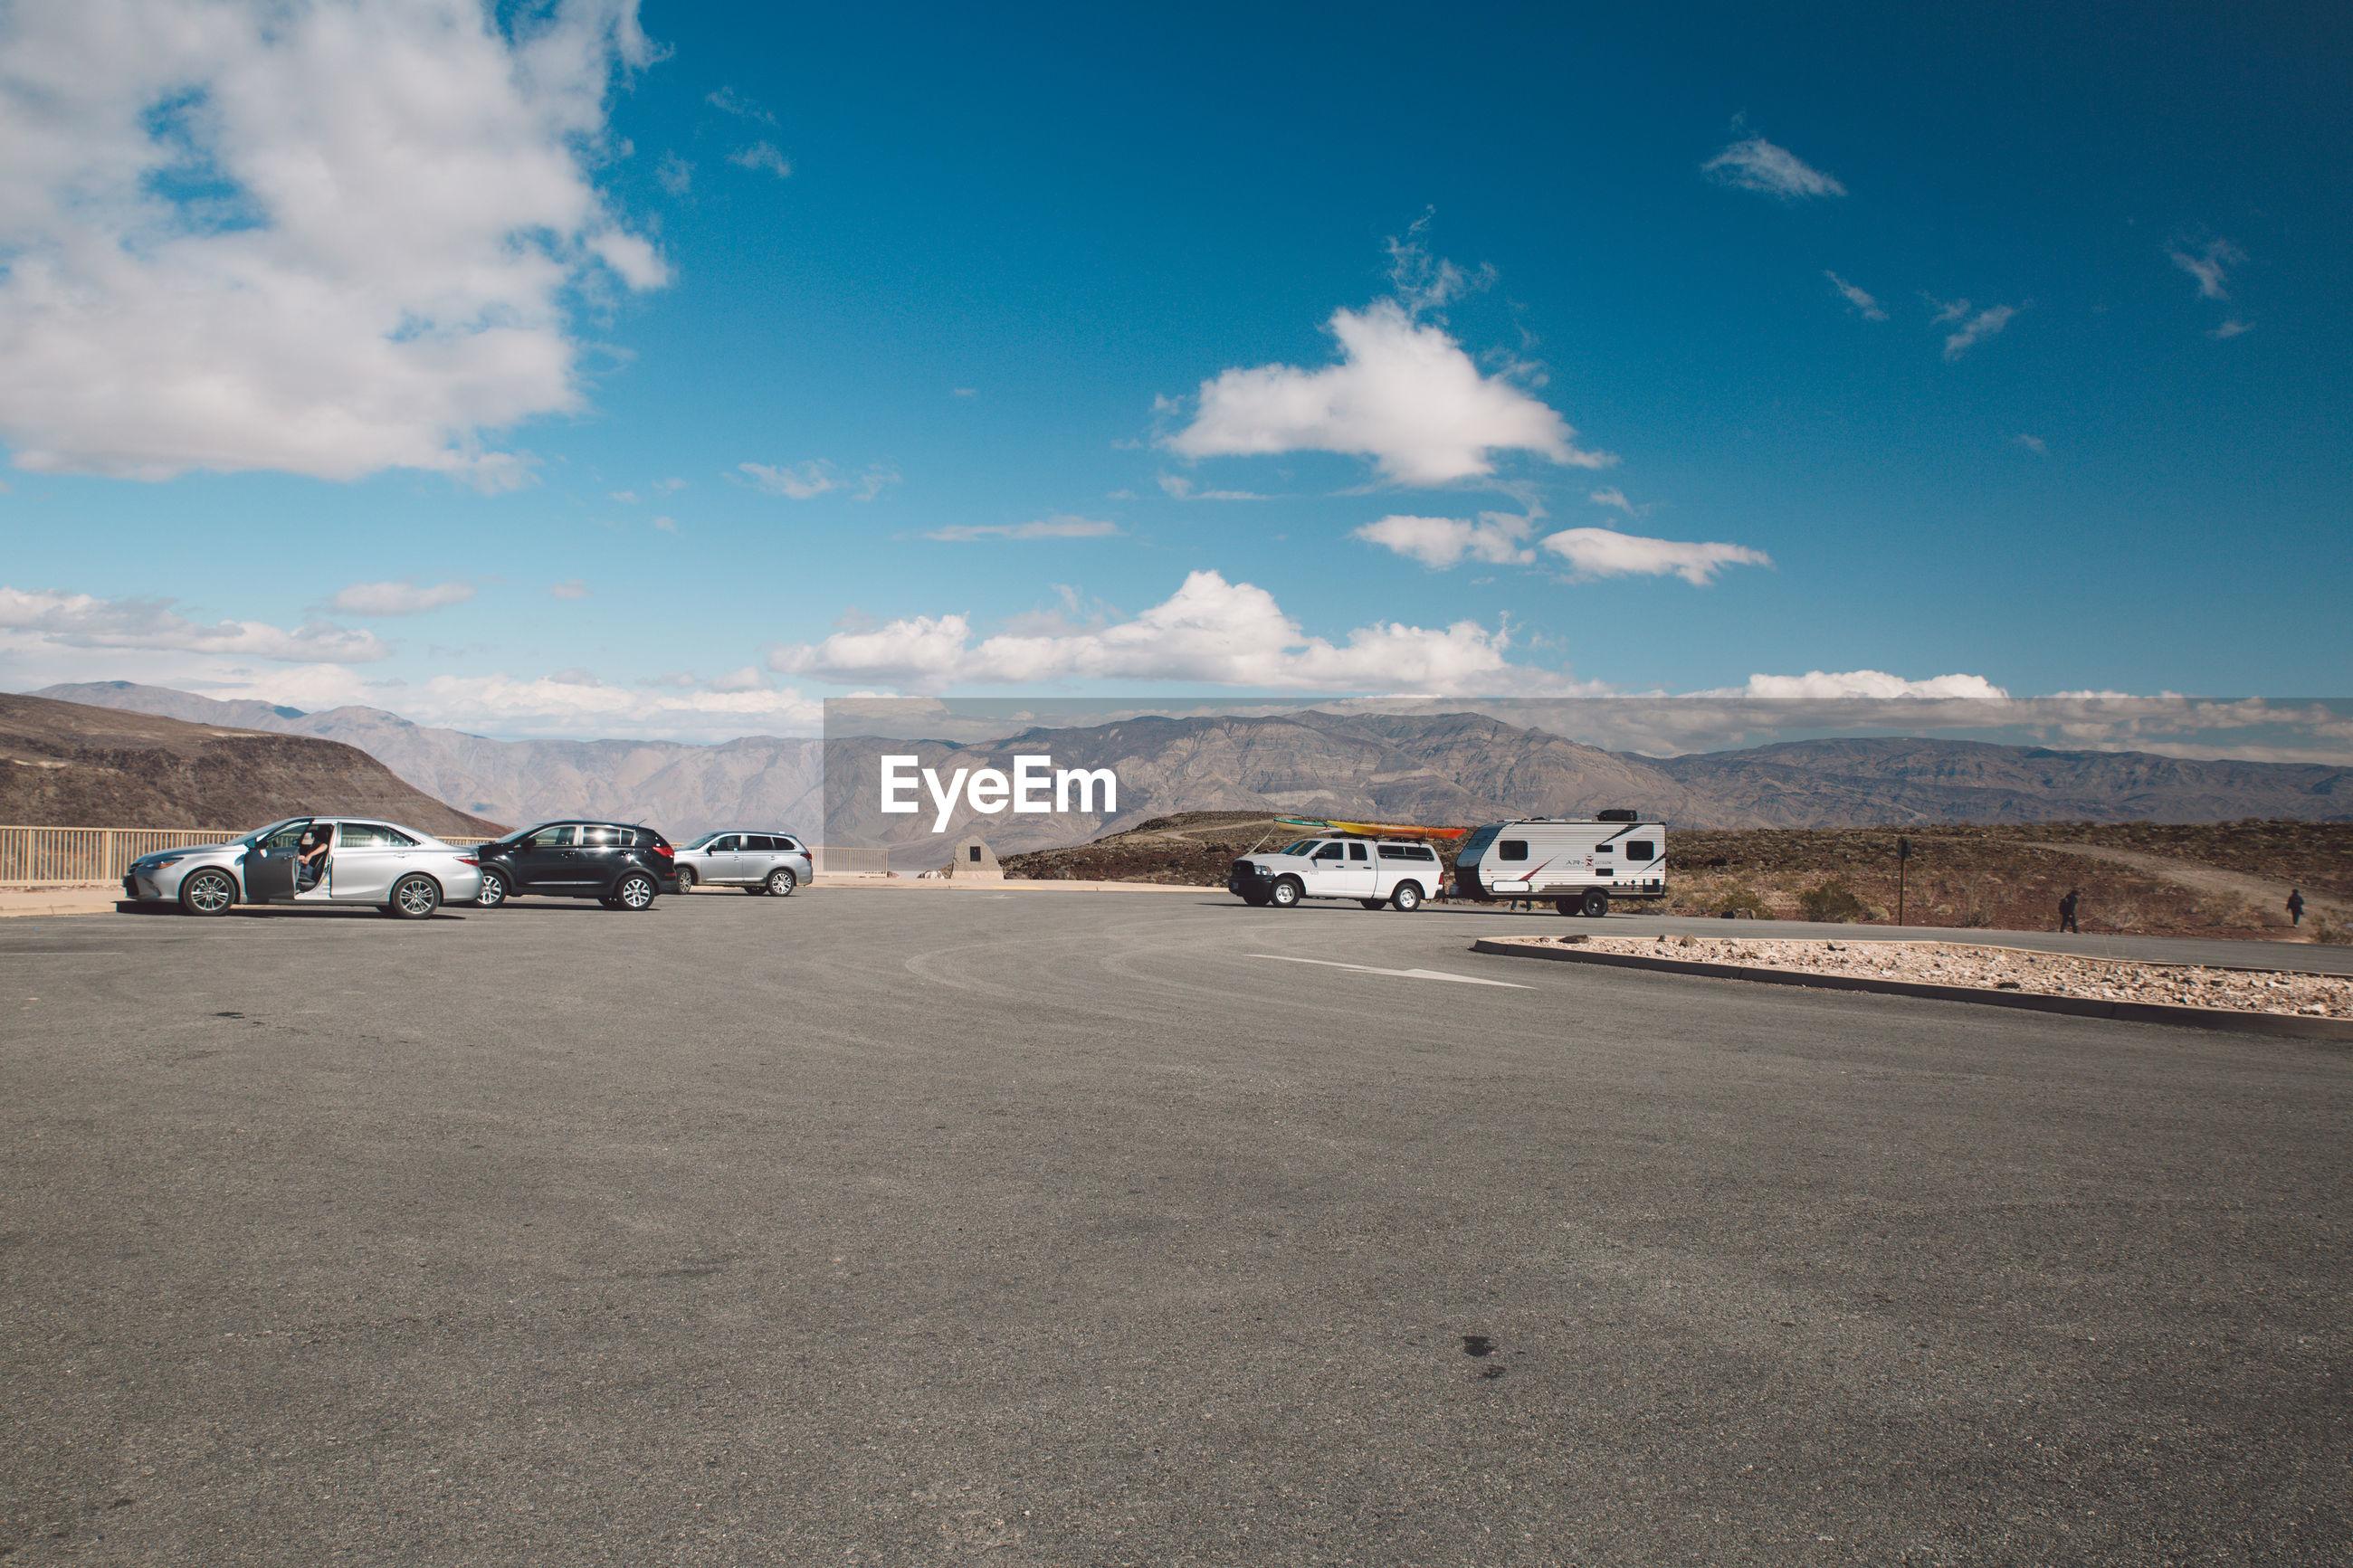 CARS ON ROAD IN DESERT AGAINST SKY